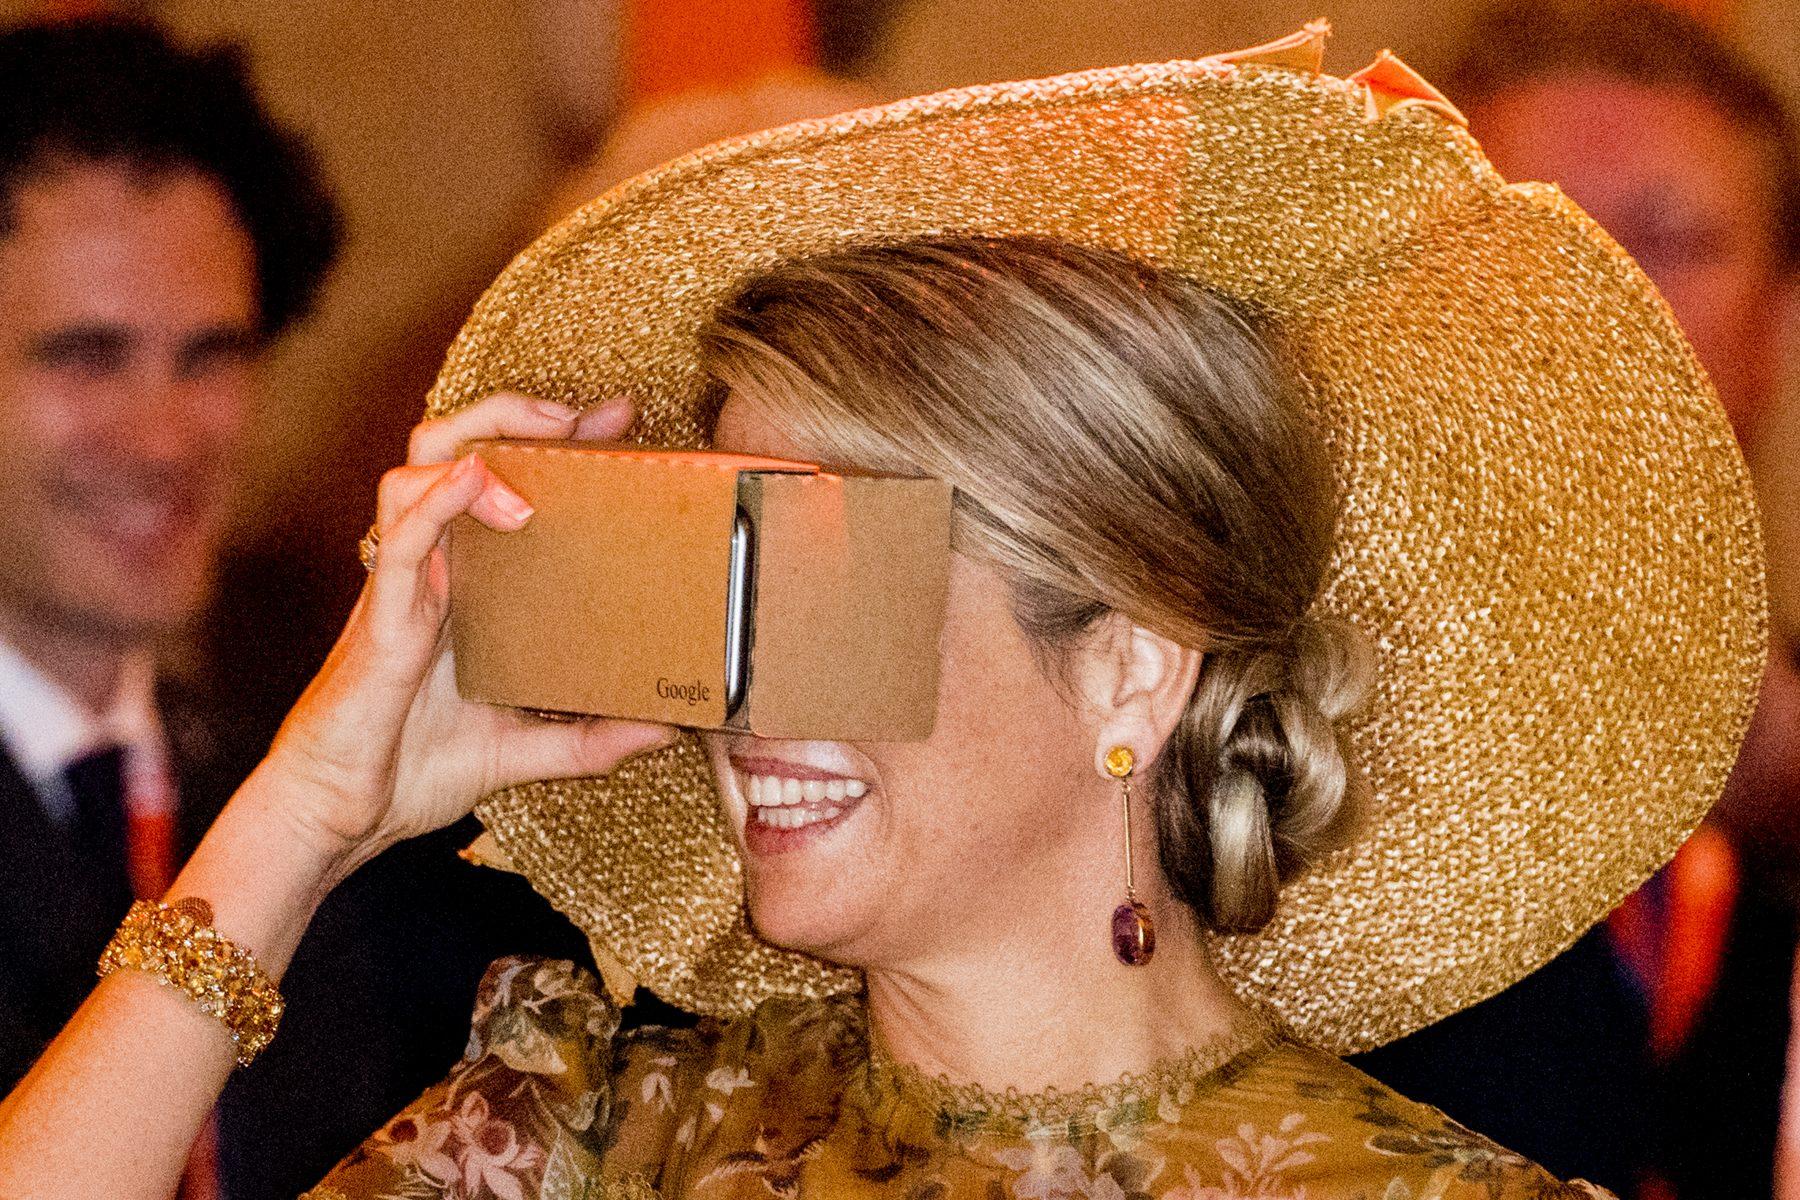 Koninklijke familie heeft ook geheime accounts op social media